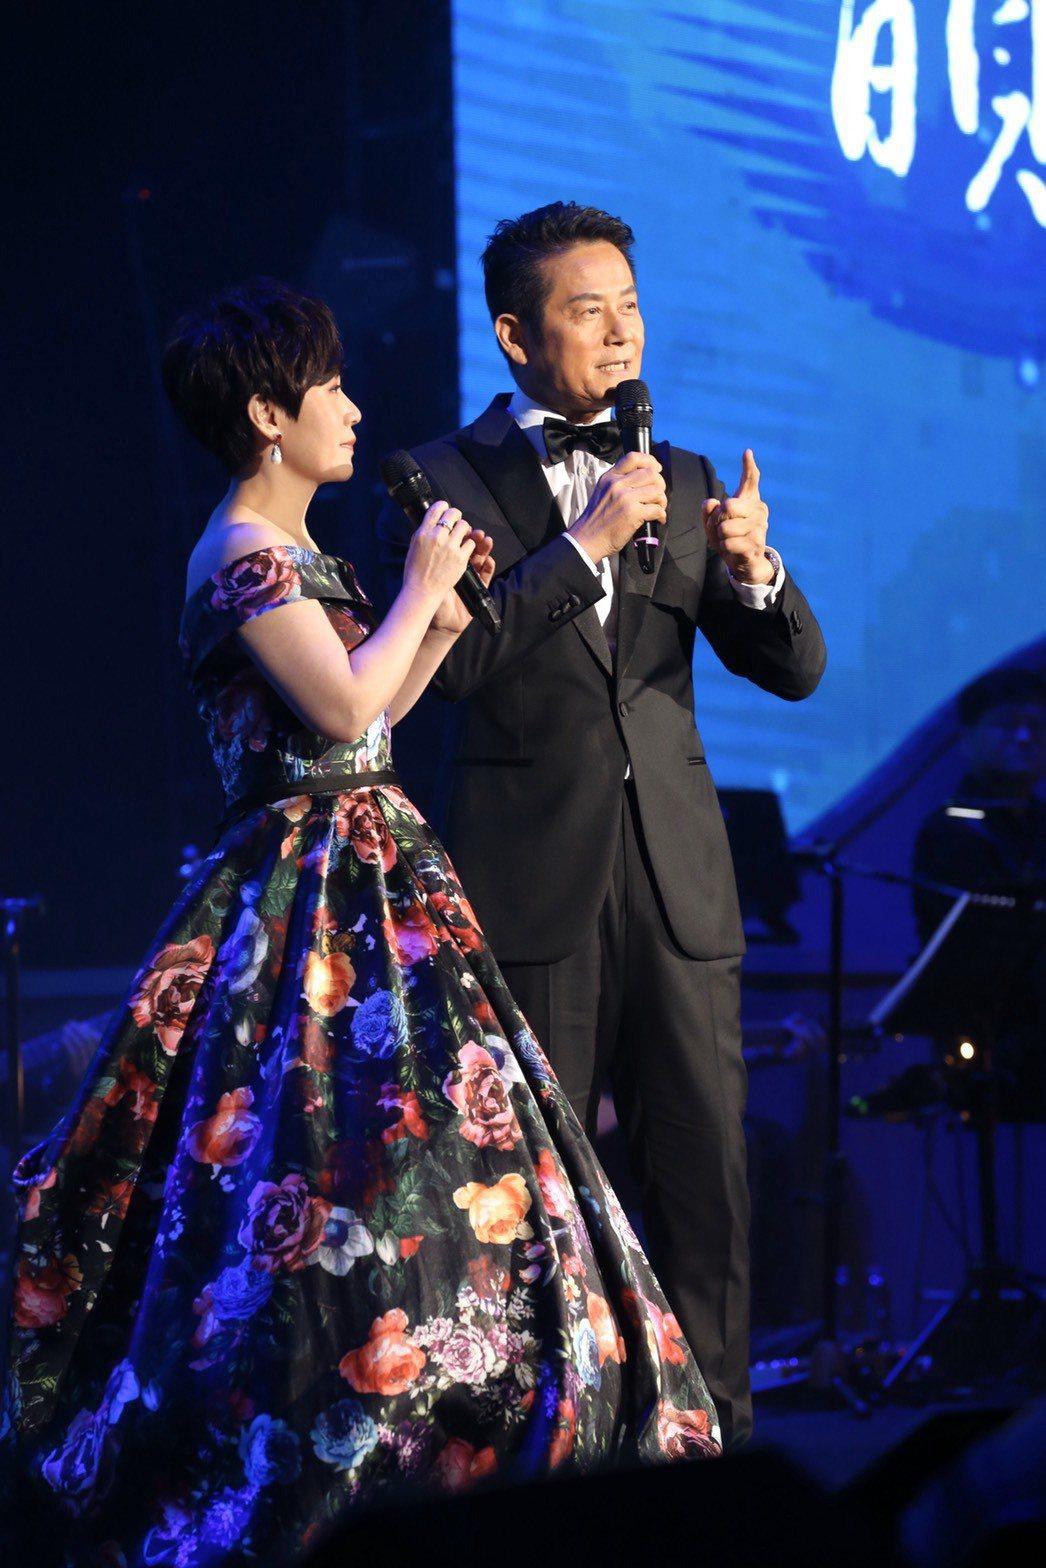 徐乃麟瓊瑤演出嫩樣曝光引下觀眾燦笑,登台笑嗆「笑屁啊」。記者林俊良/攝影